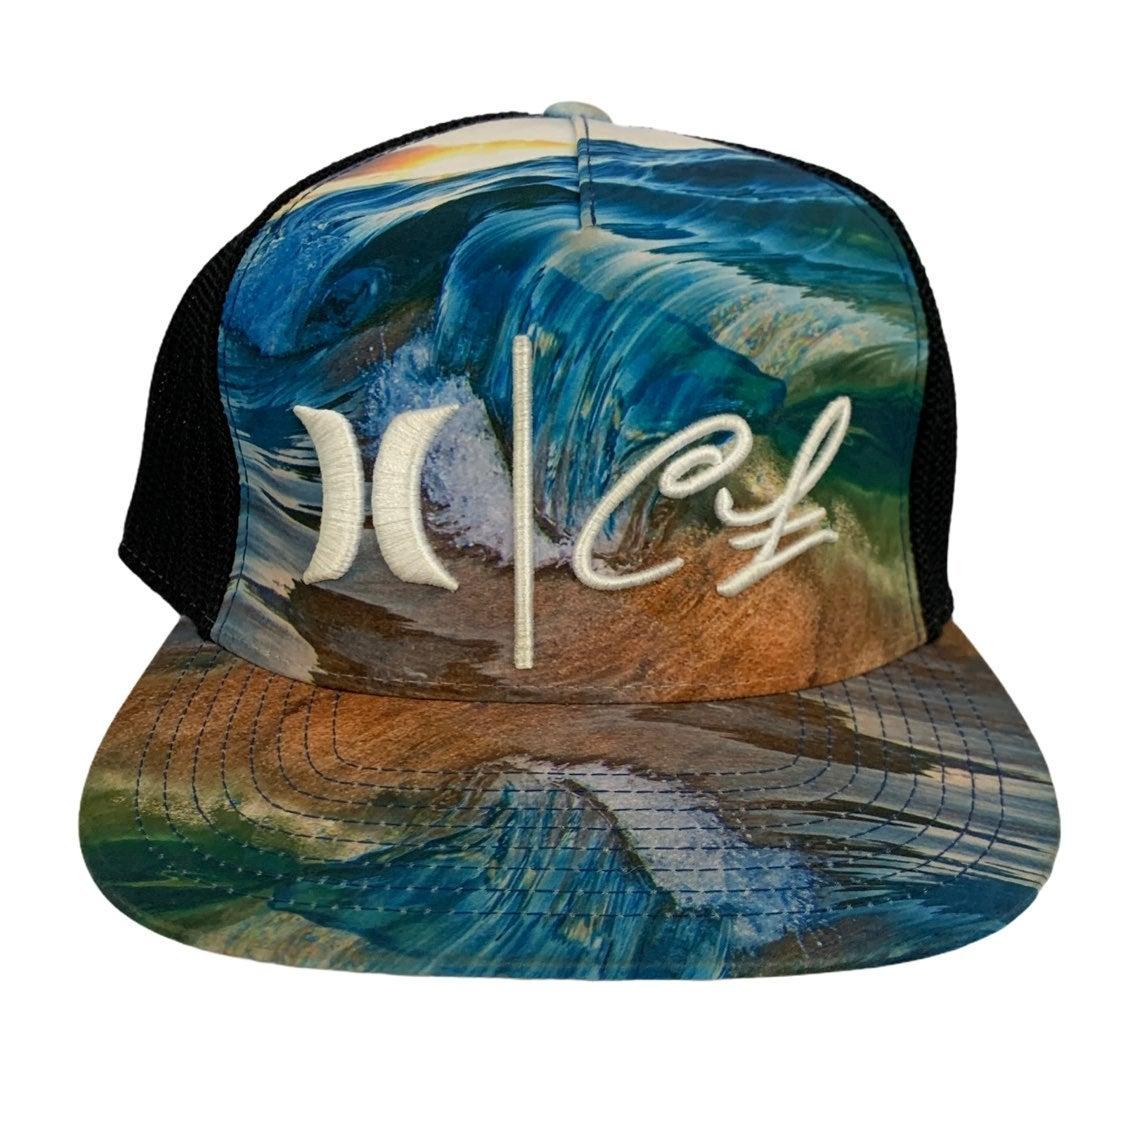 Hurley Clark Little Hat